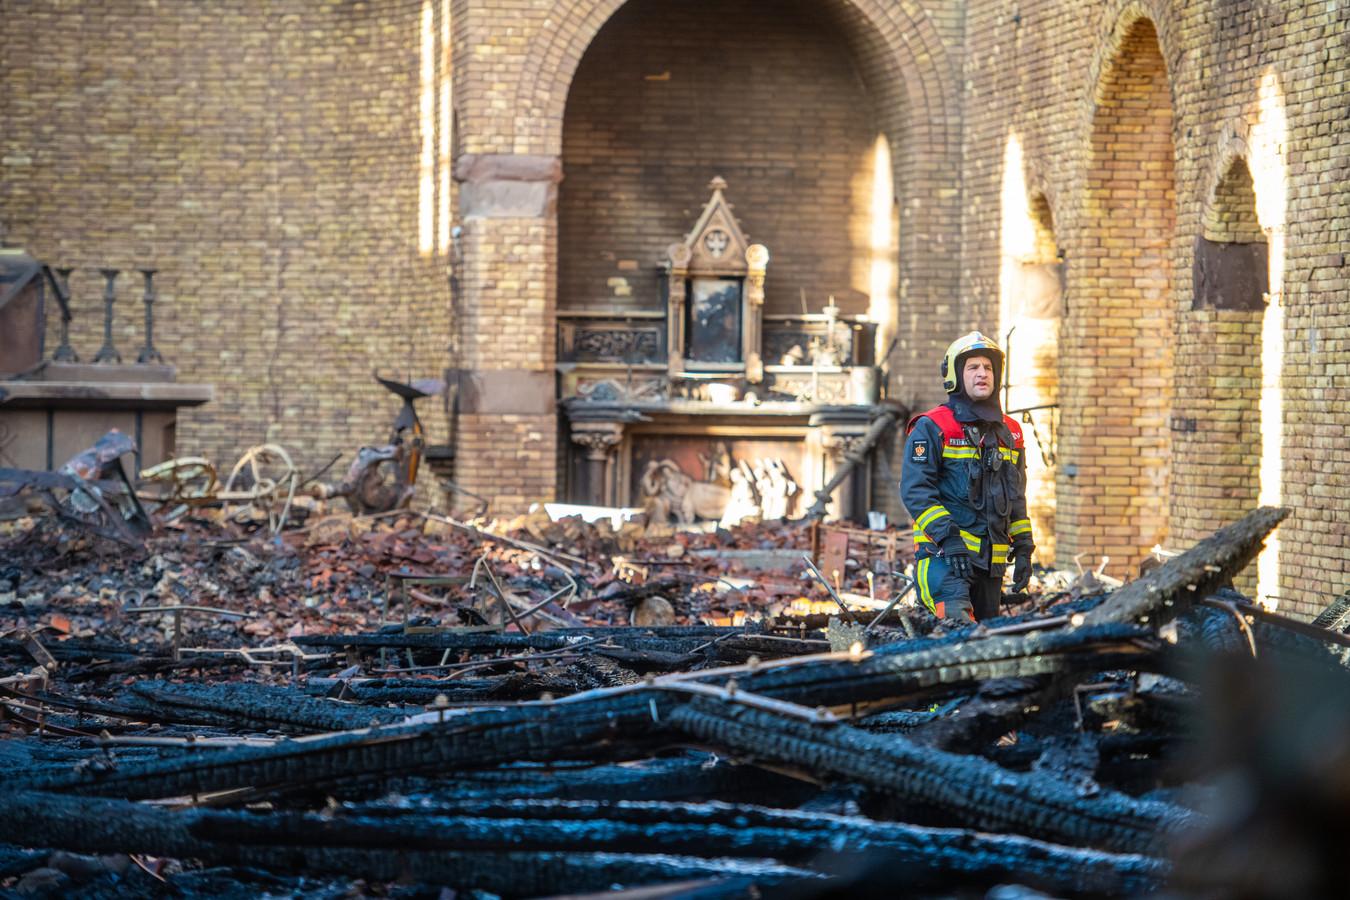 De ravage in de Onze-Lieve-Vrouw-Geboortekerk in Hoogmade na de grote brand van maandag.